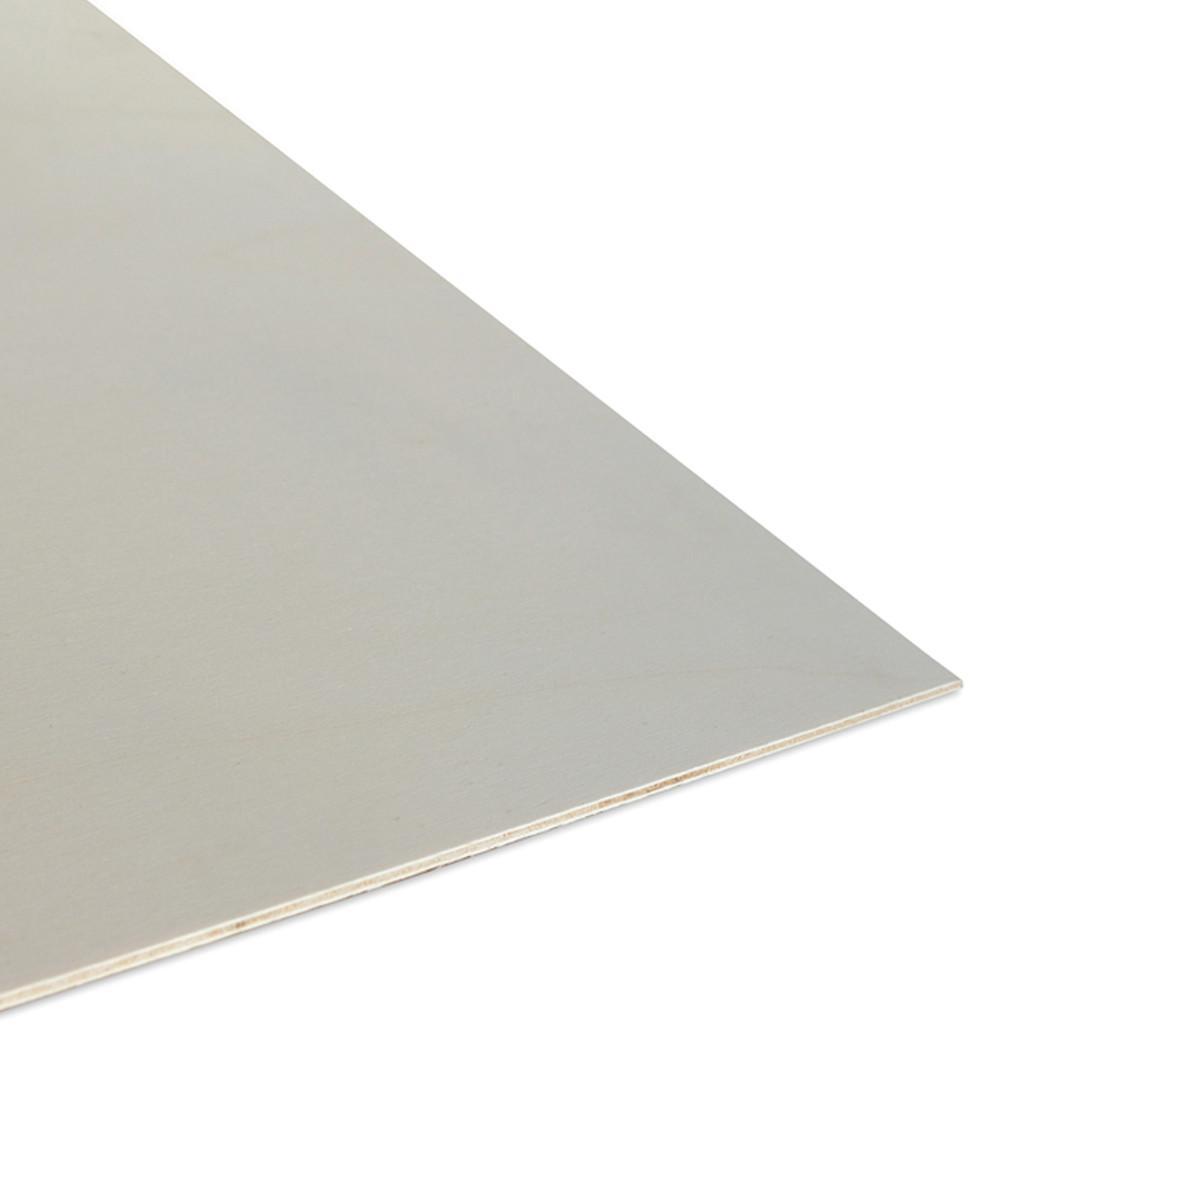 pannello compensato multistrato pioppo 4 x 400 x 800 mm. Black Bedroom Furniture Sets. Home Design Ideas